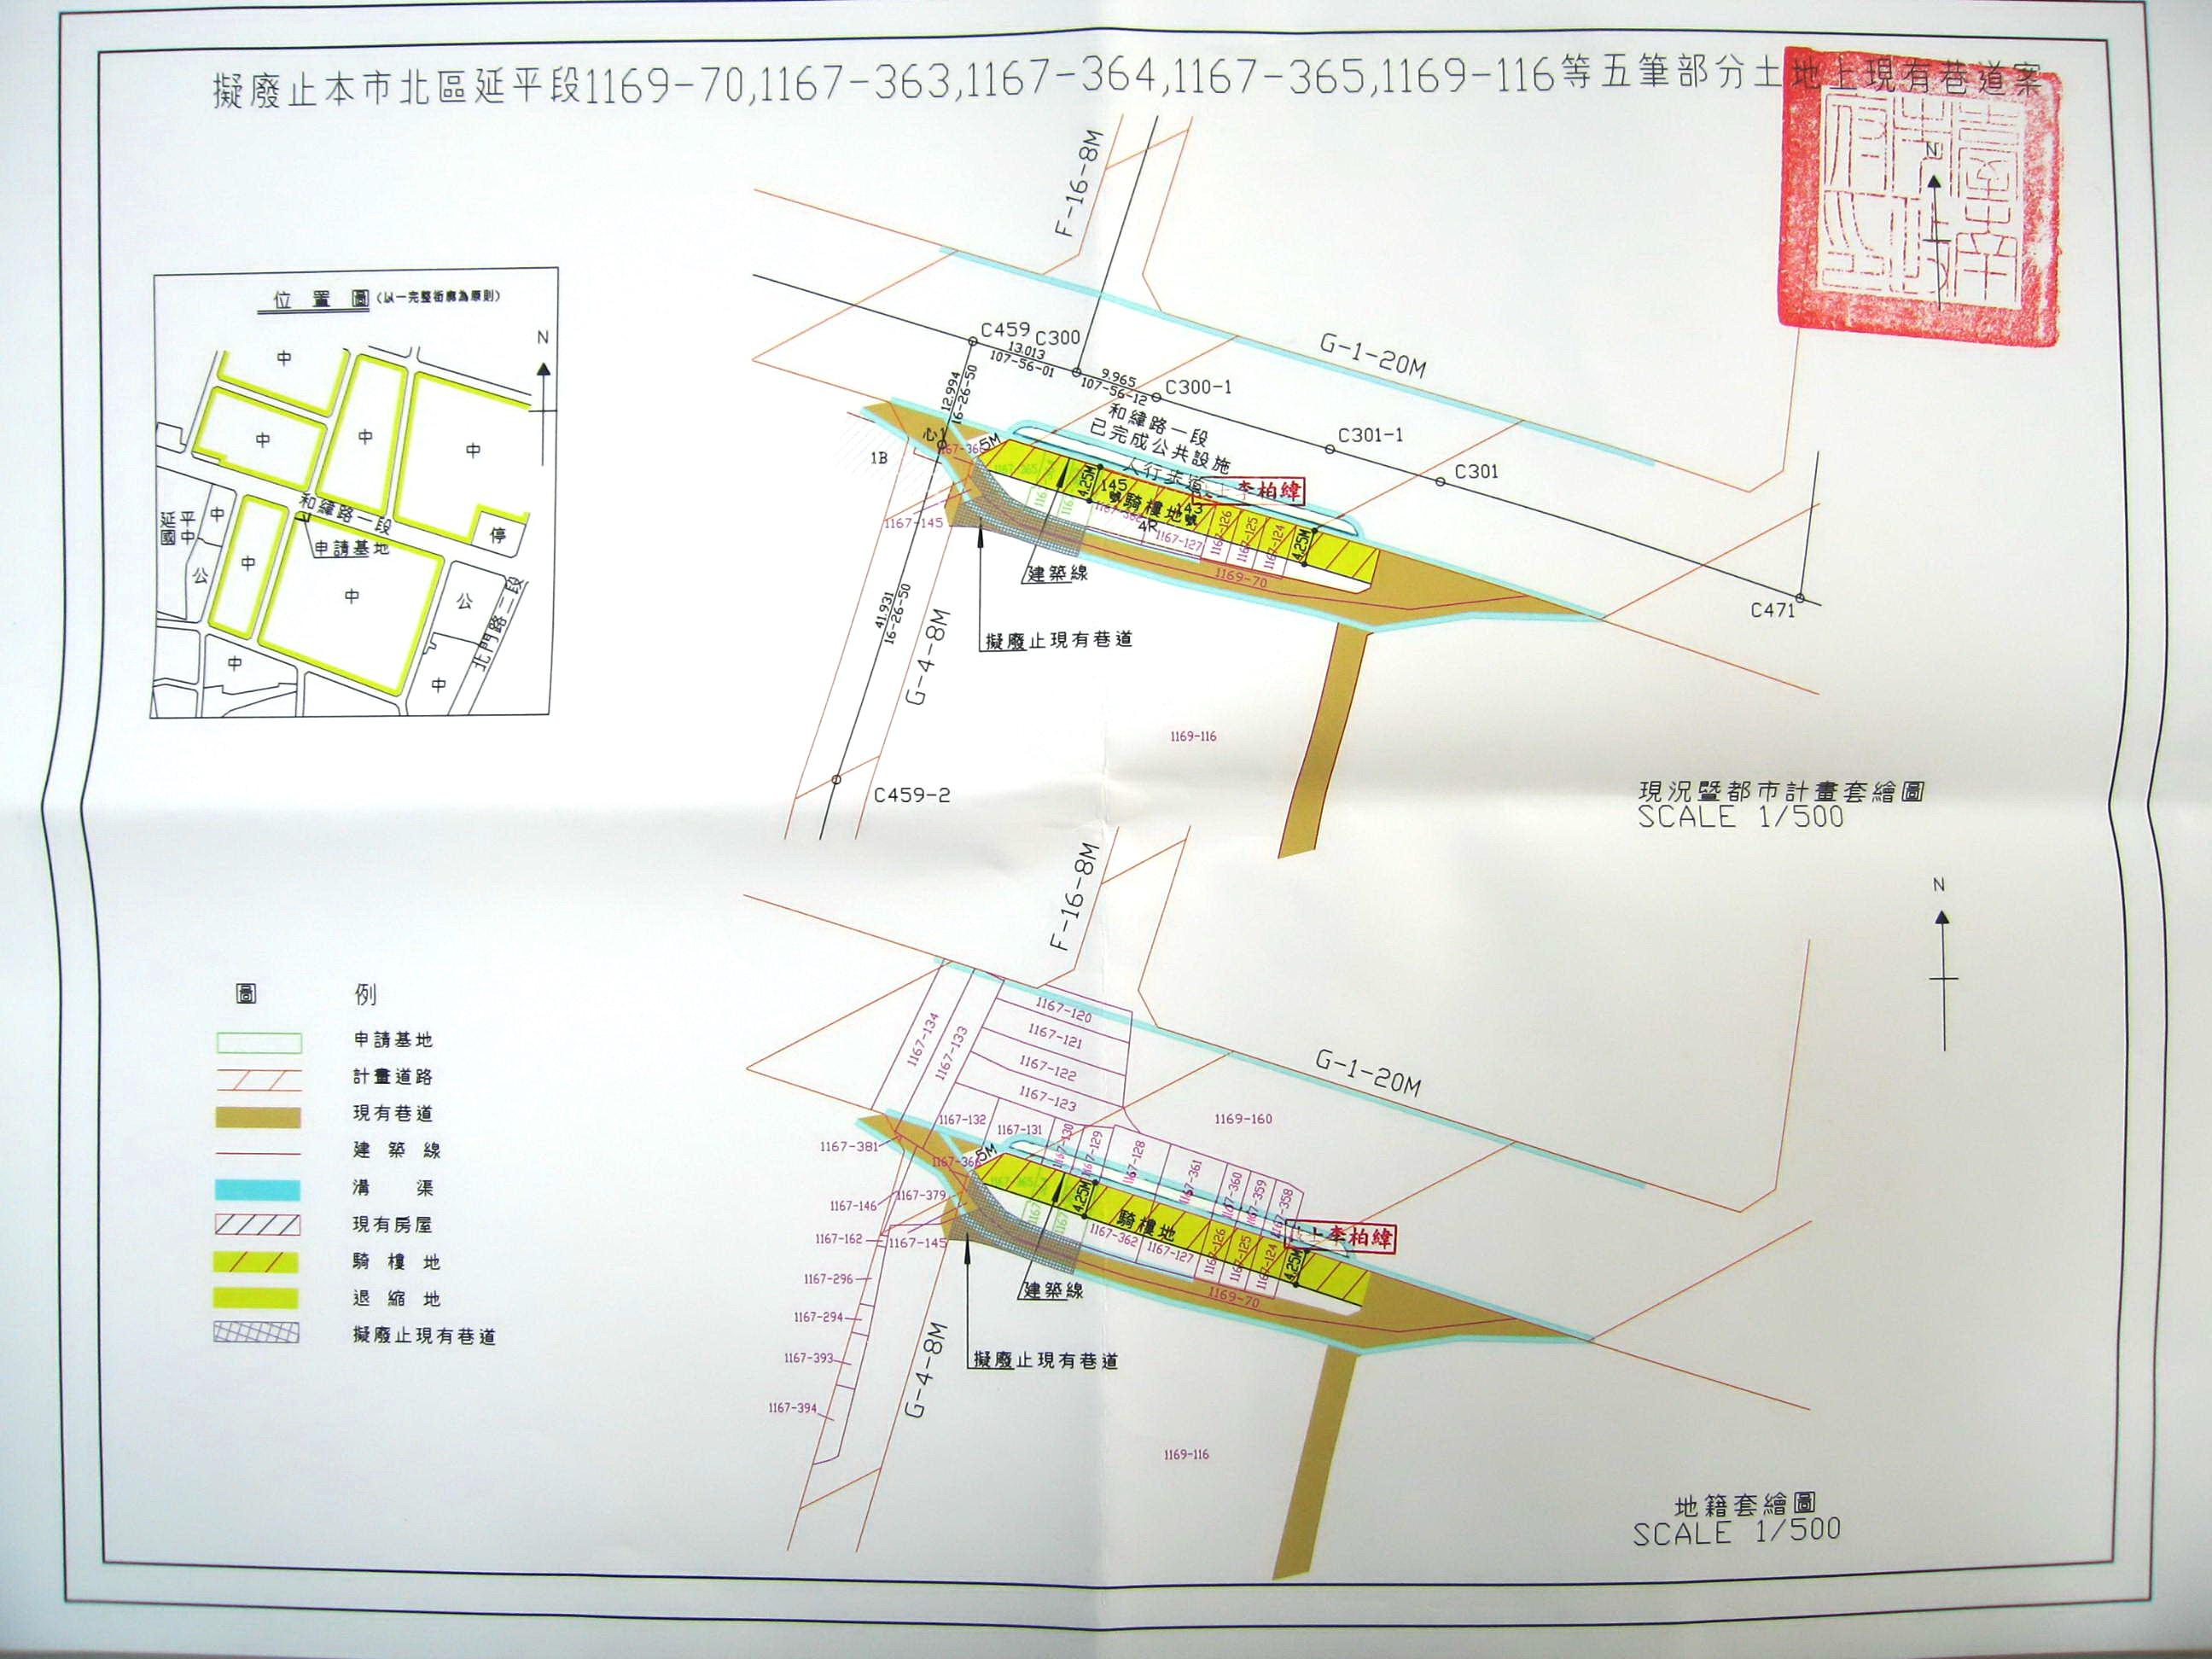 公告『擬廢止台南市北區延平段1167-363、1167-364、1167-365、1169-70、1169-116地號等5筆部分土地上現有巷道案』。  0